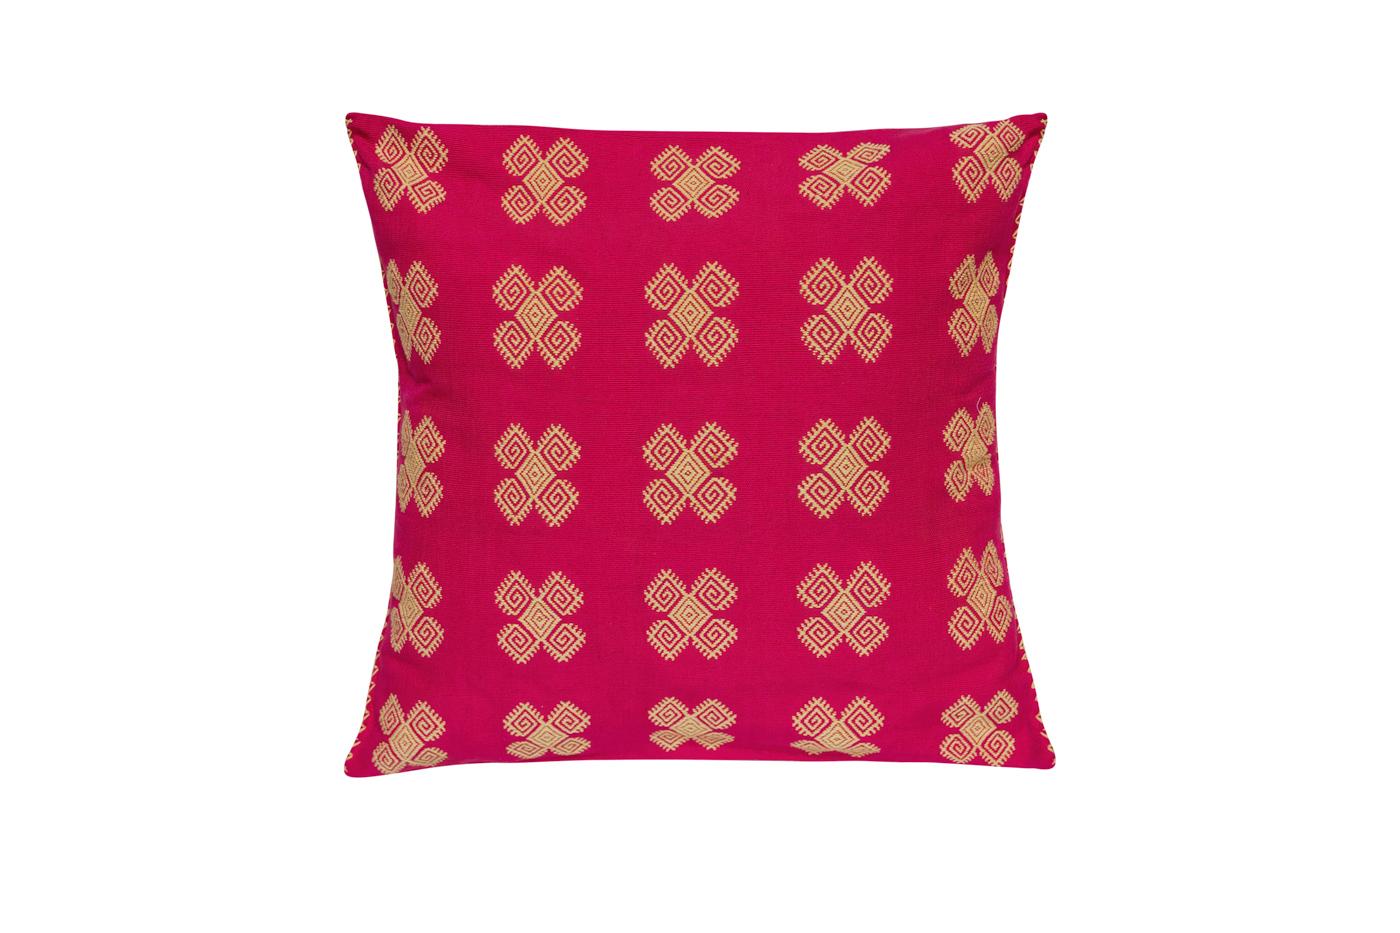 Cojín Mexicano en algodón con patrones geométricos-fucsia